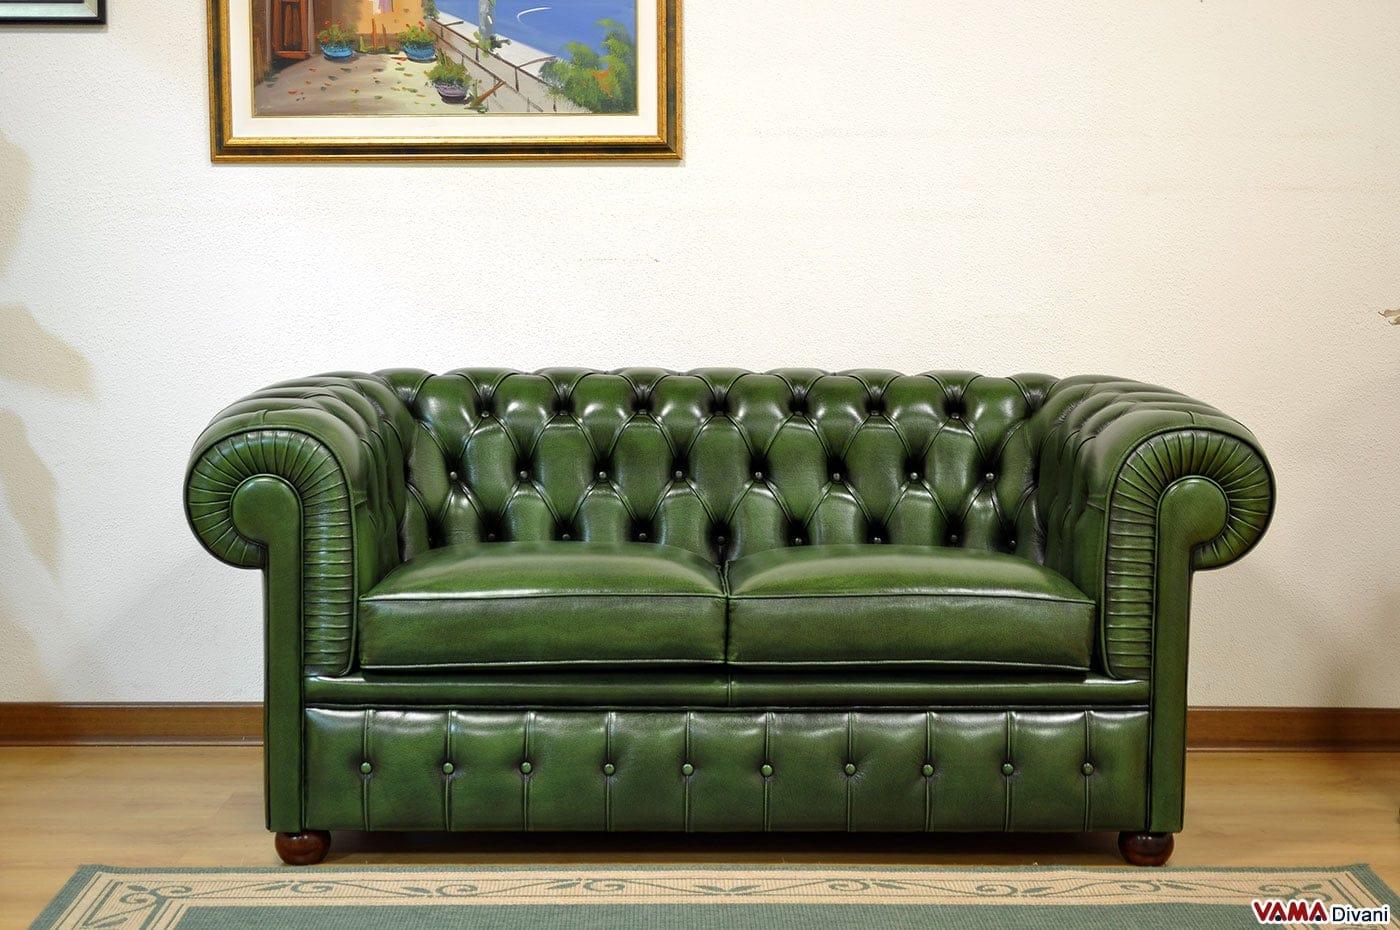 Divano chester verde inglese in vera pelle invecchiata a mano - Divano in inglese ...